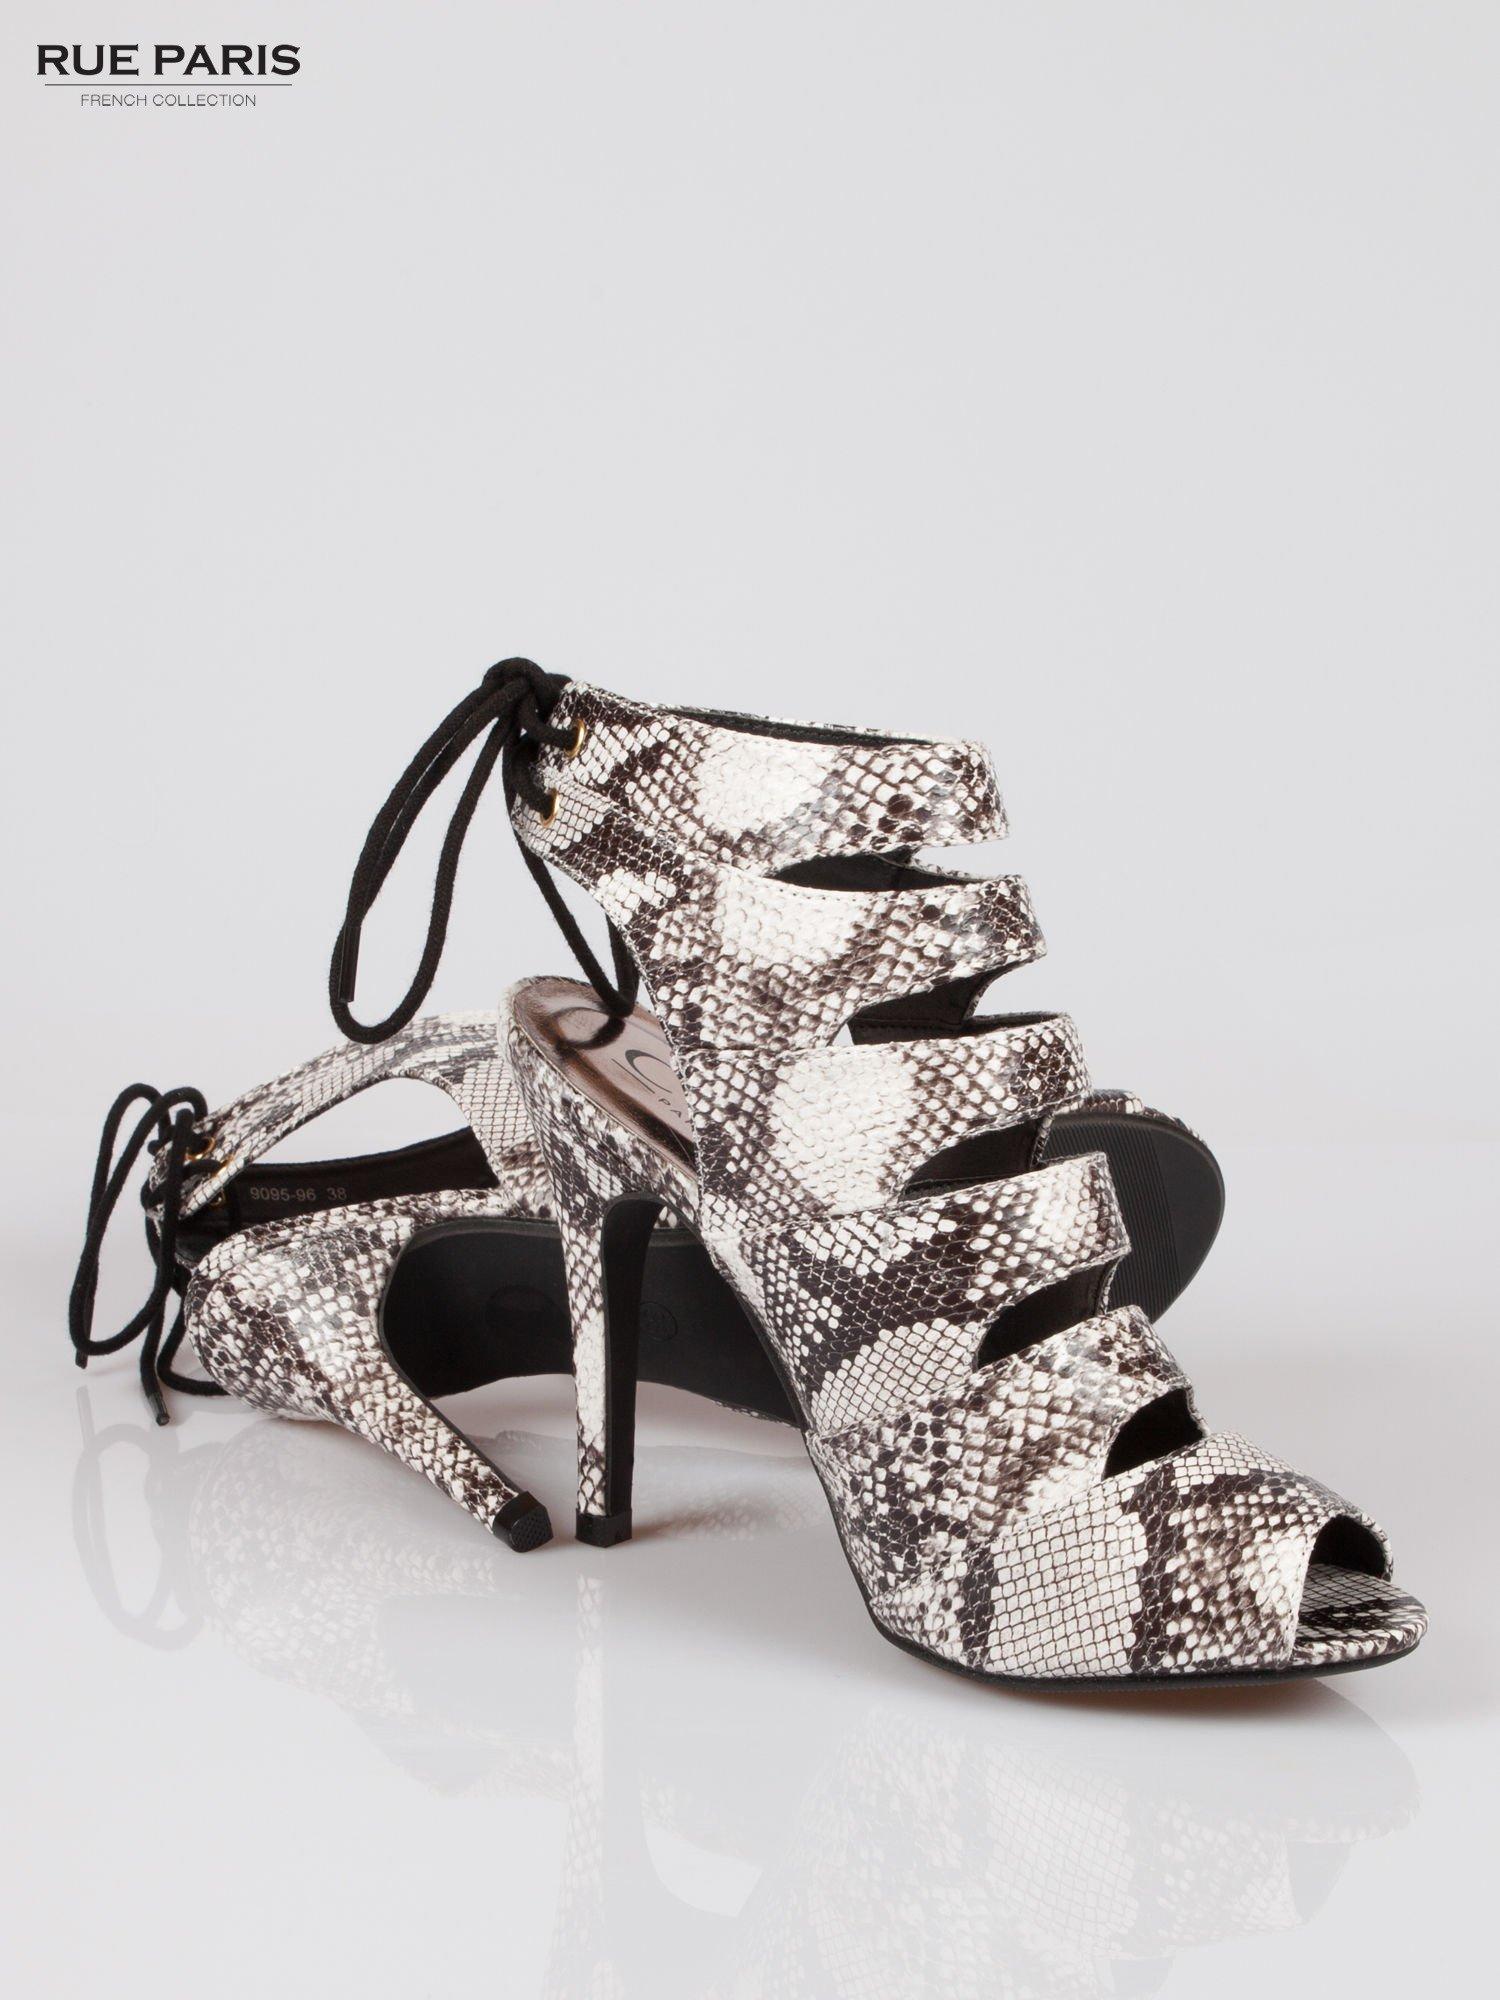 Wężowe wiązane botki faux suede Gina lace up cut out z odkrytą piętą                                  zdj.                                  4